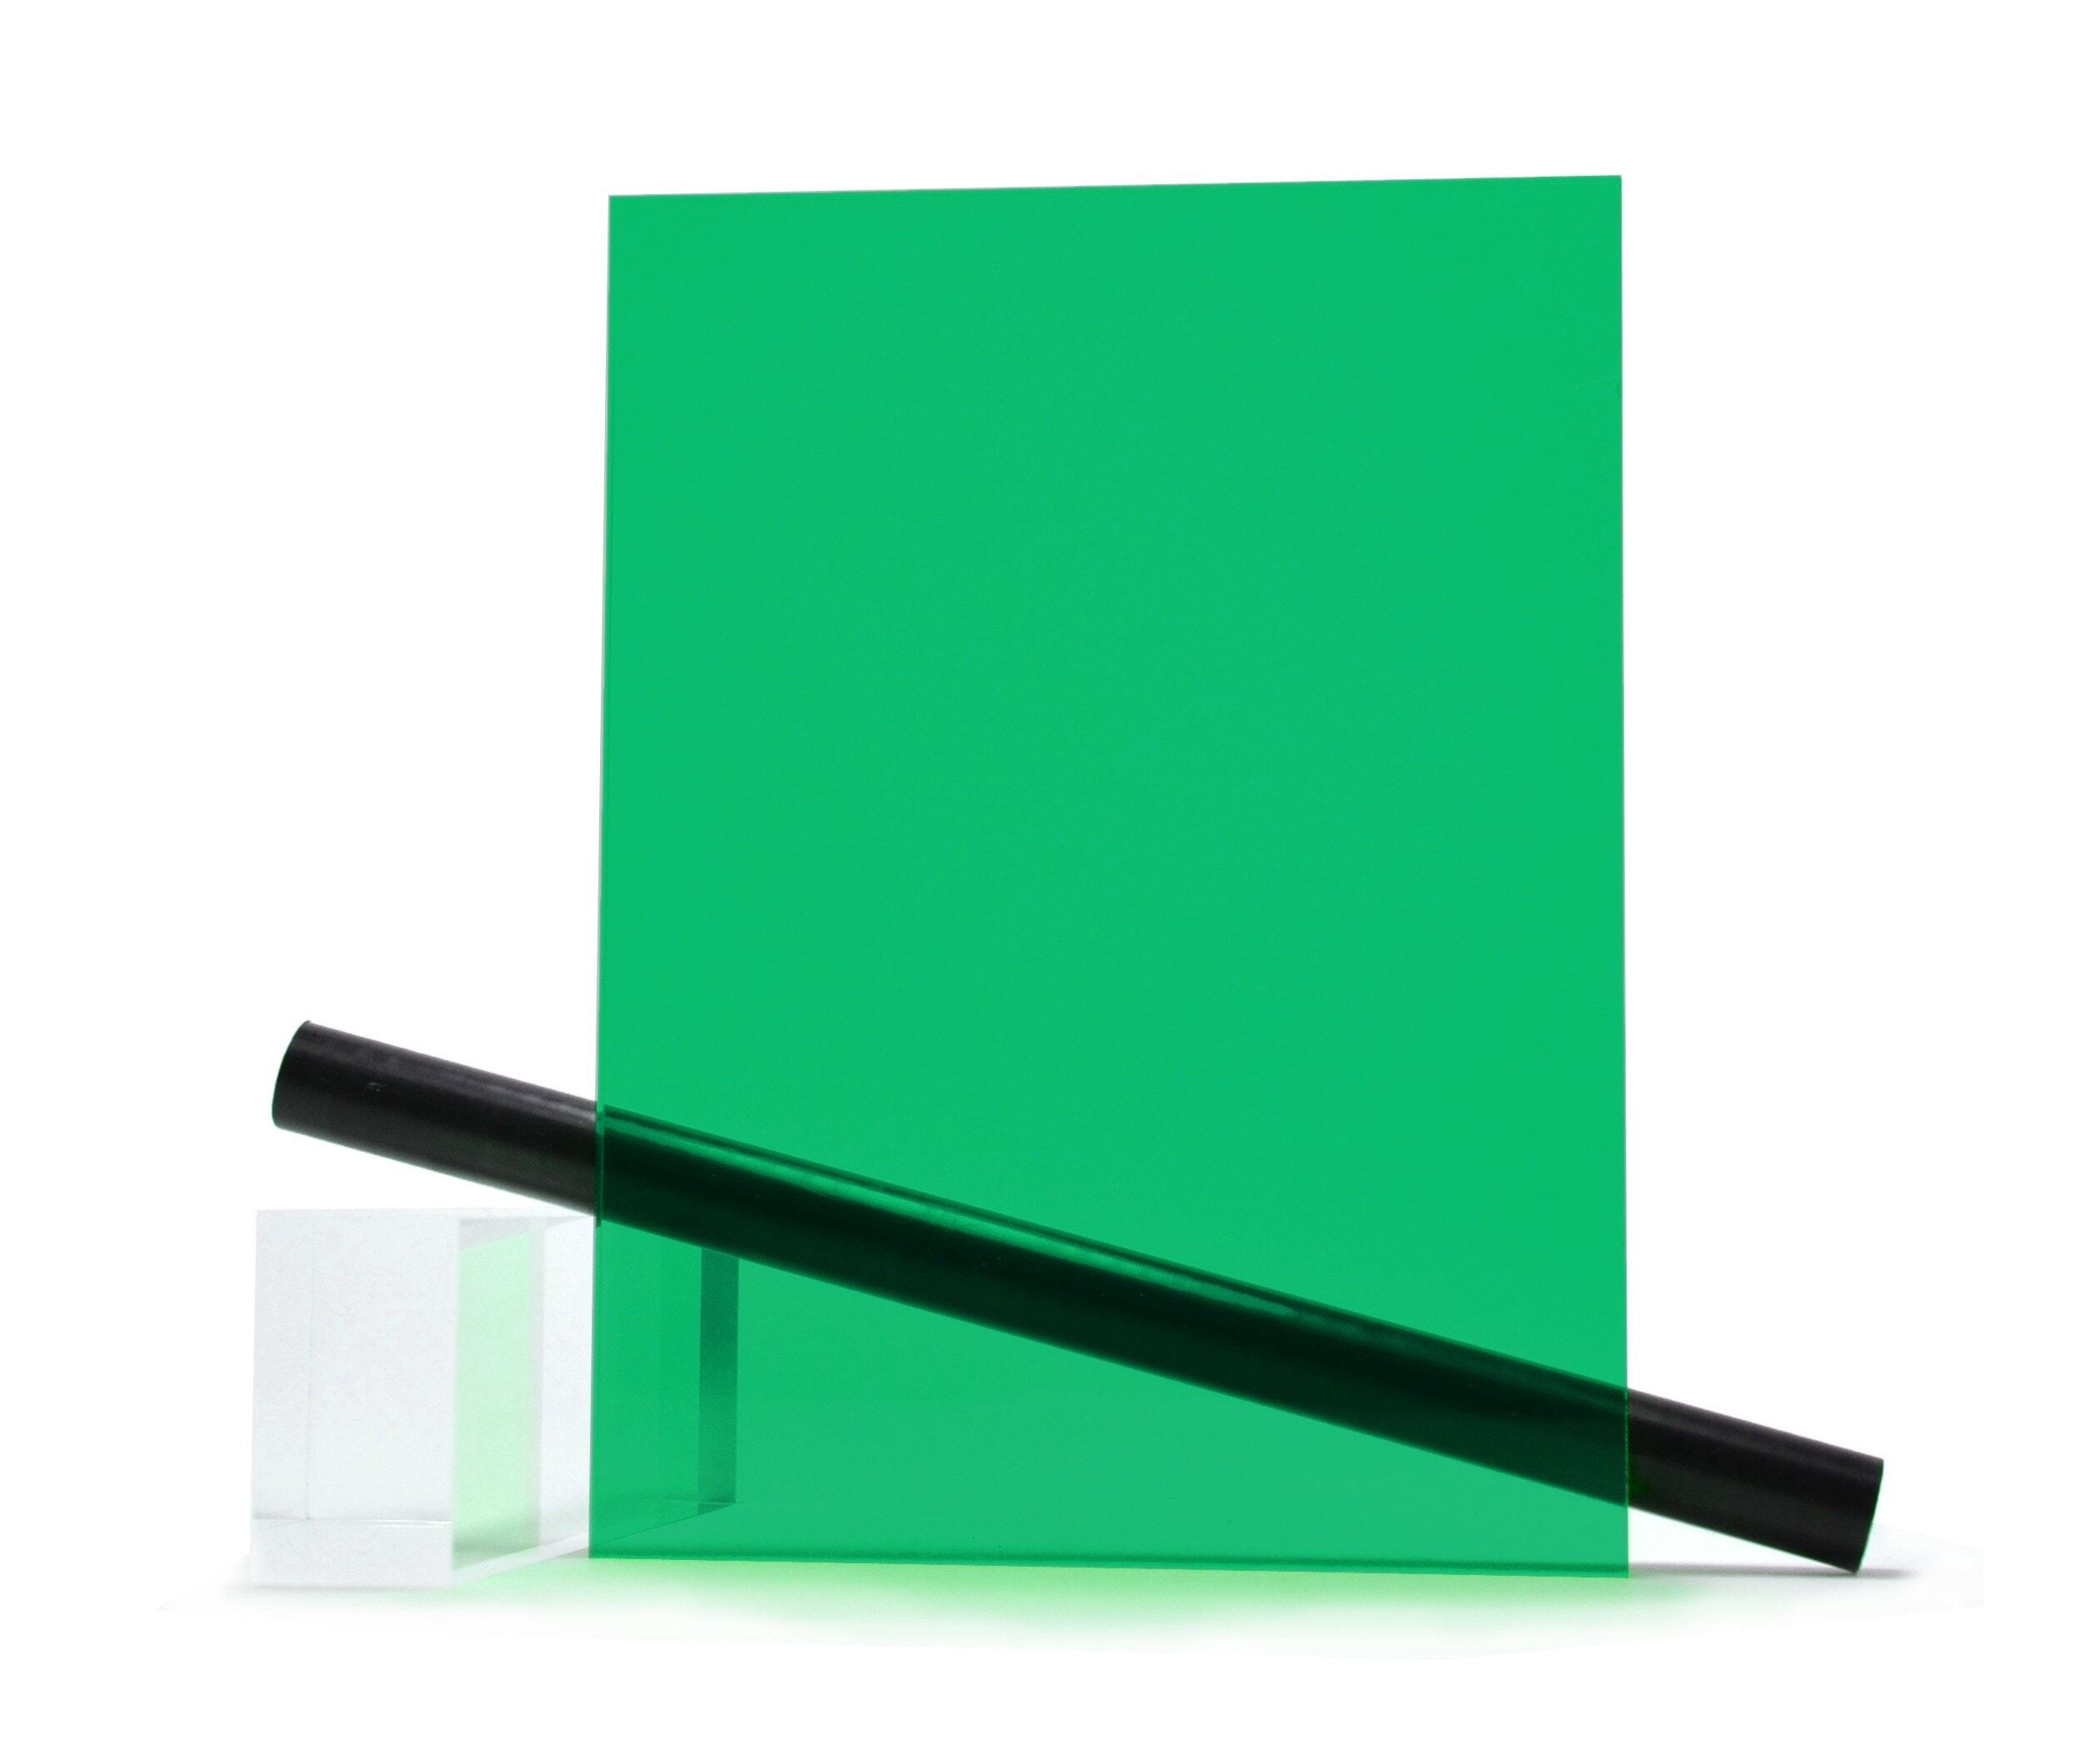 100 x 100 mm B/&T Metall Verre acrylique PMMA GS vert fluorescent lisse 3,0 mm d/épaisseur r/ésistant aux UV Film des deux c/ôt/és d/écoup/é Taille 10 x 10 cm